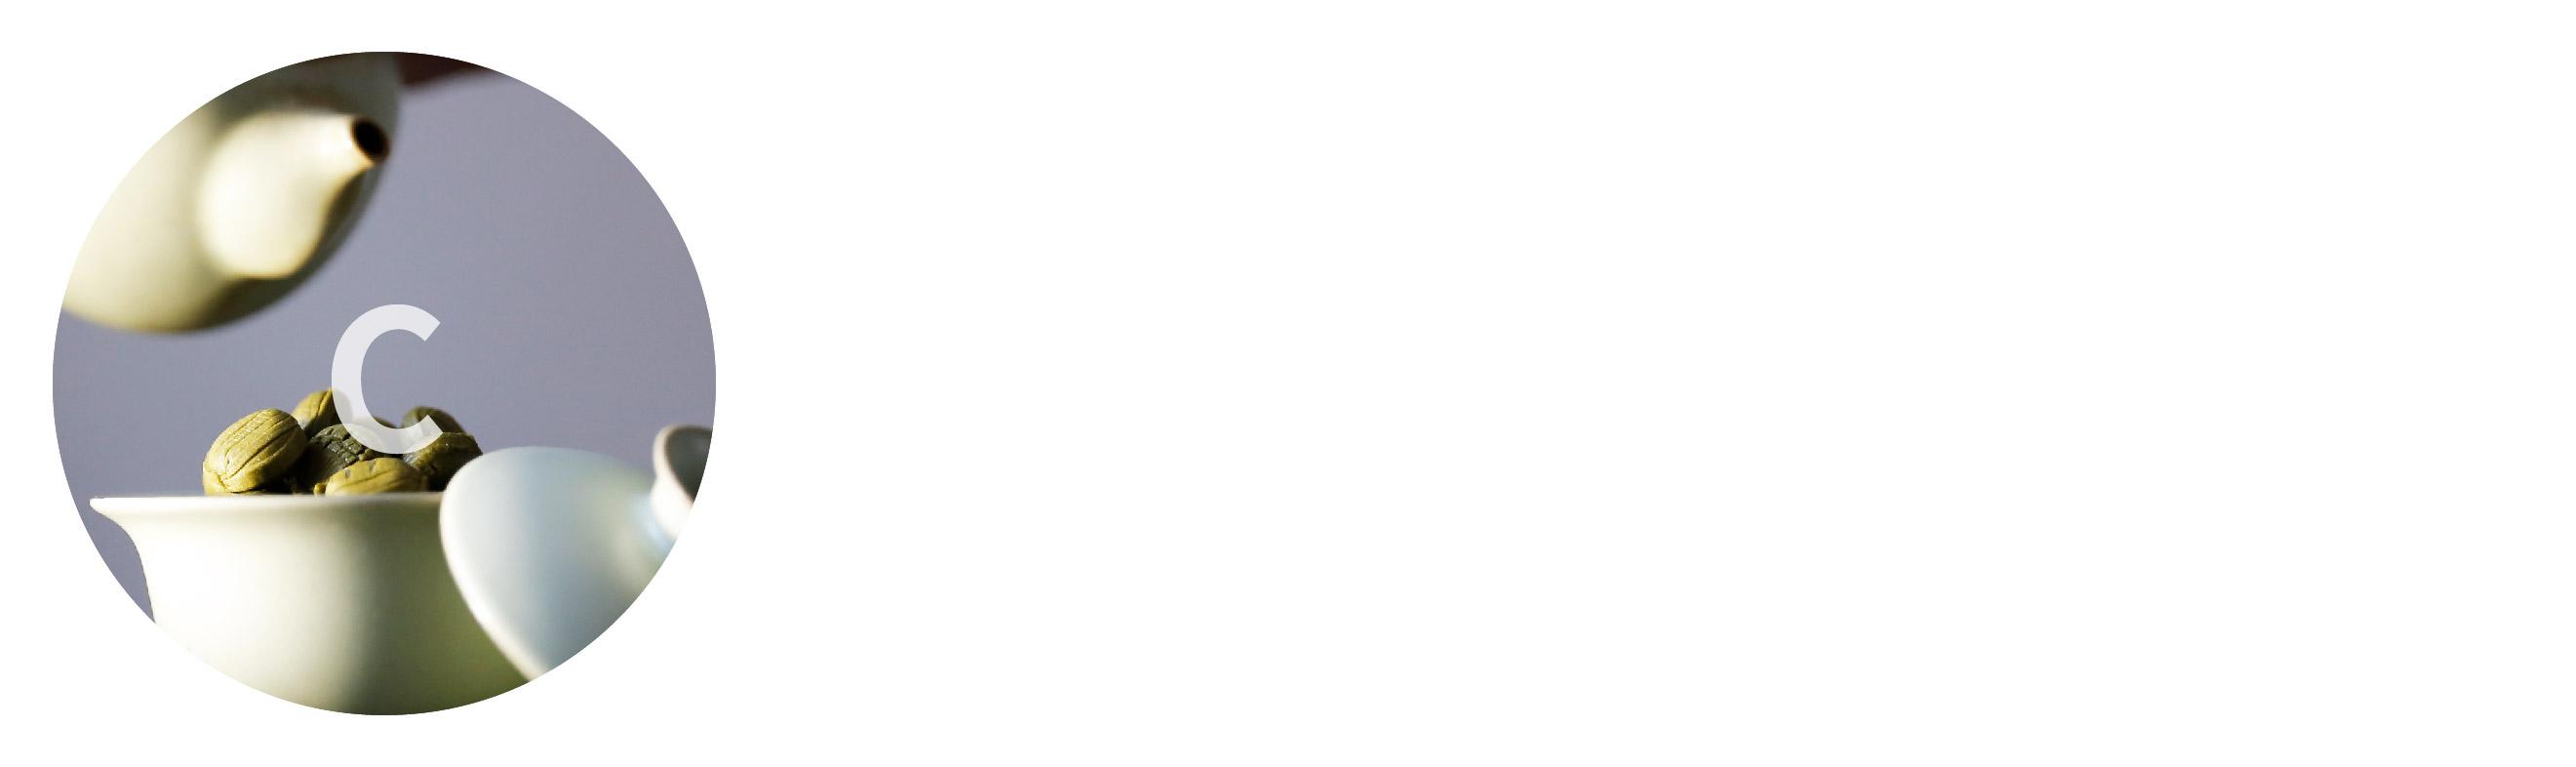 甘樂文創社創良品採購型錄_工作區域 1 複本 42.jpg